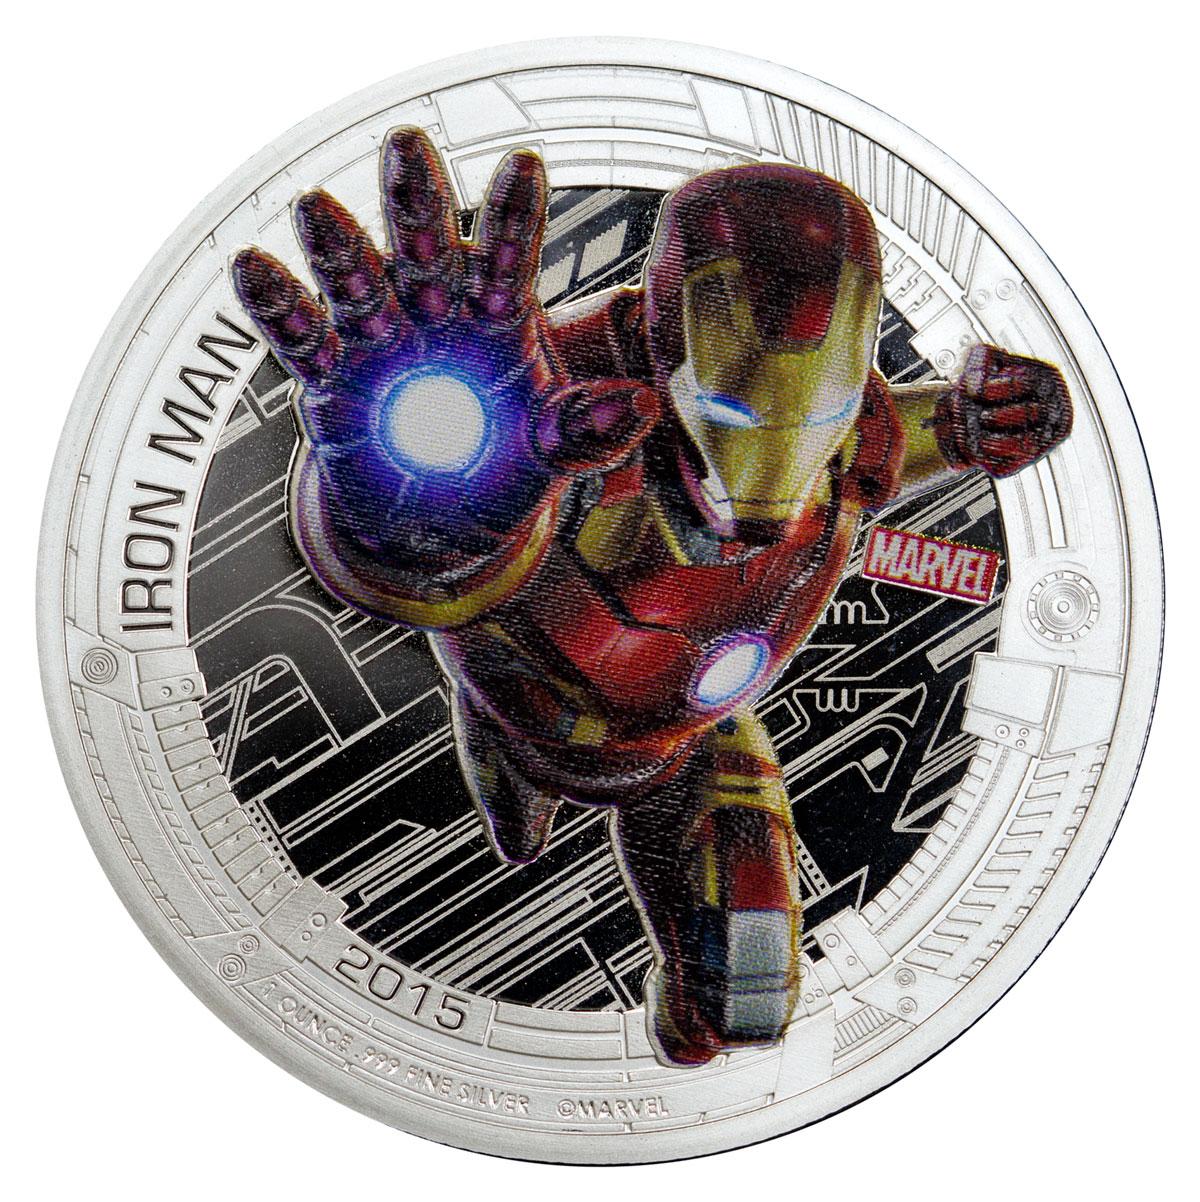 NCLT Coins Featuring Robert Downey, Jr. as Iron Man